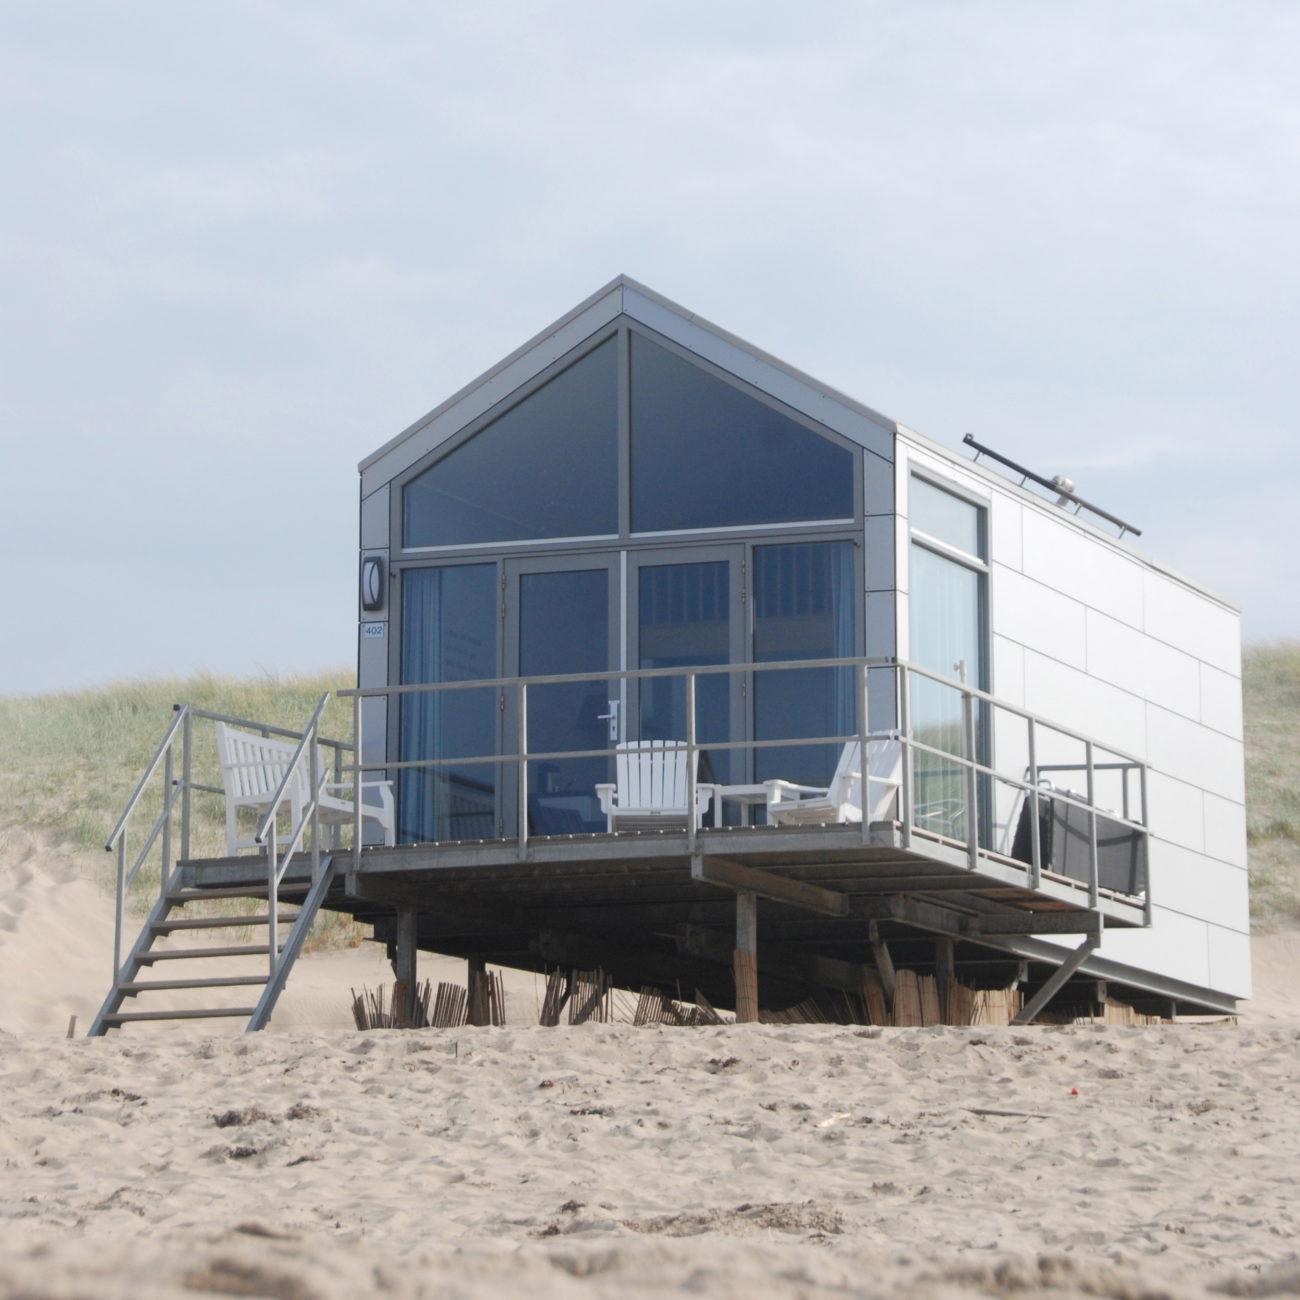 Vakantiehuisje op het strand. Een van de strandhuisjes van Landal in Julianadorp.